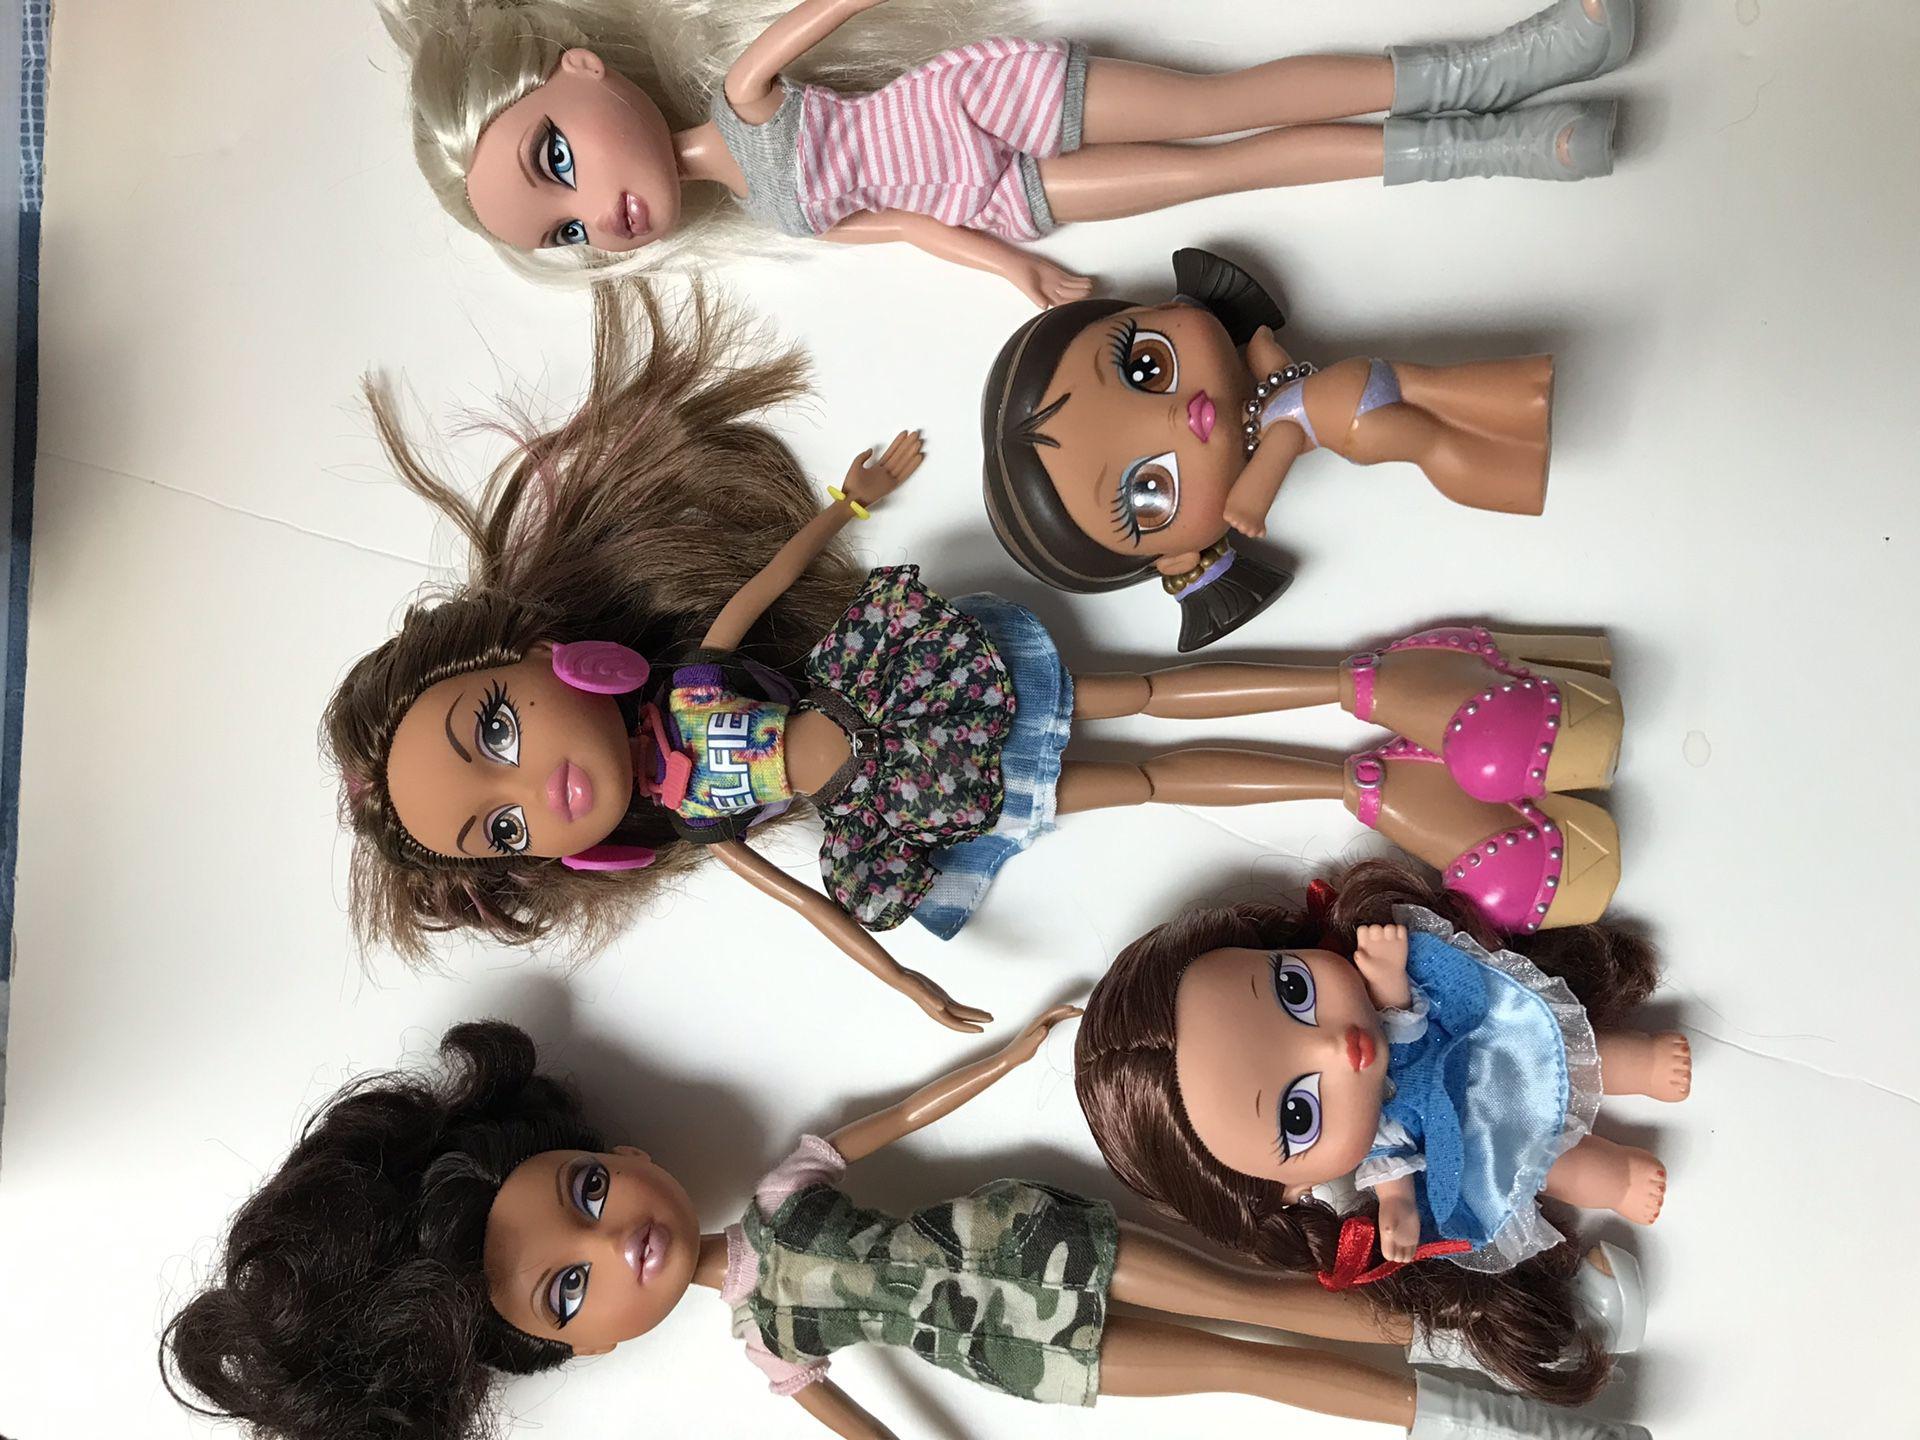 5 BRATZ dolls